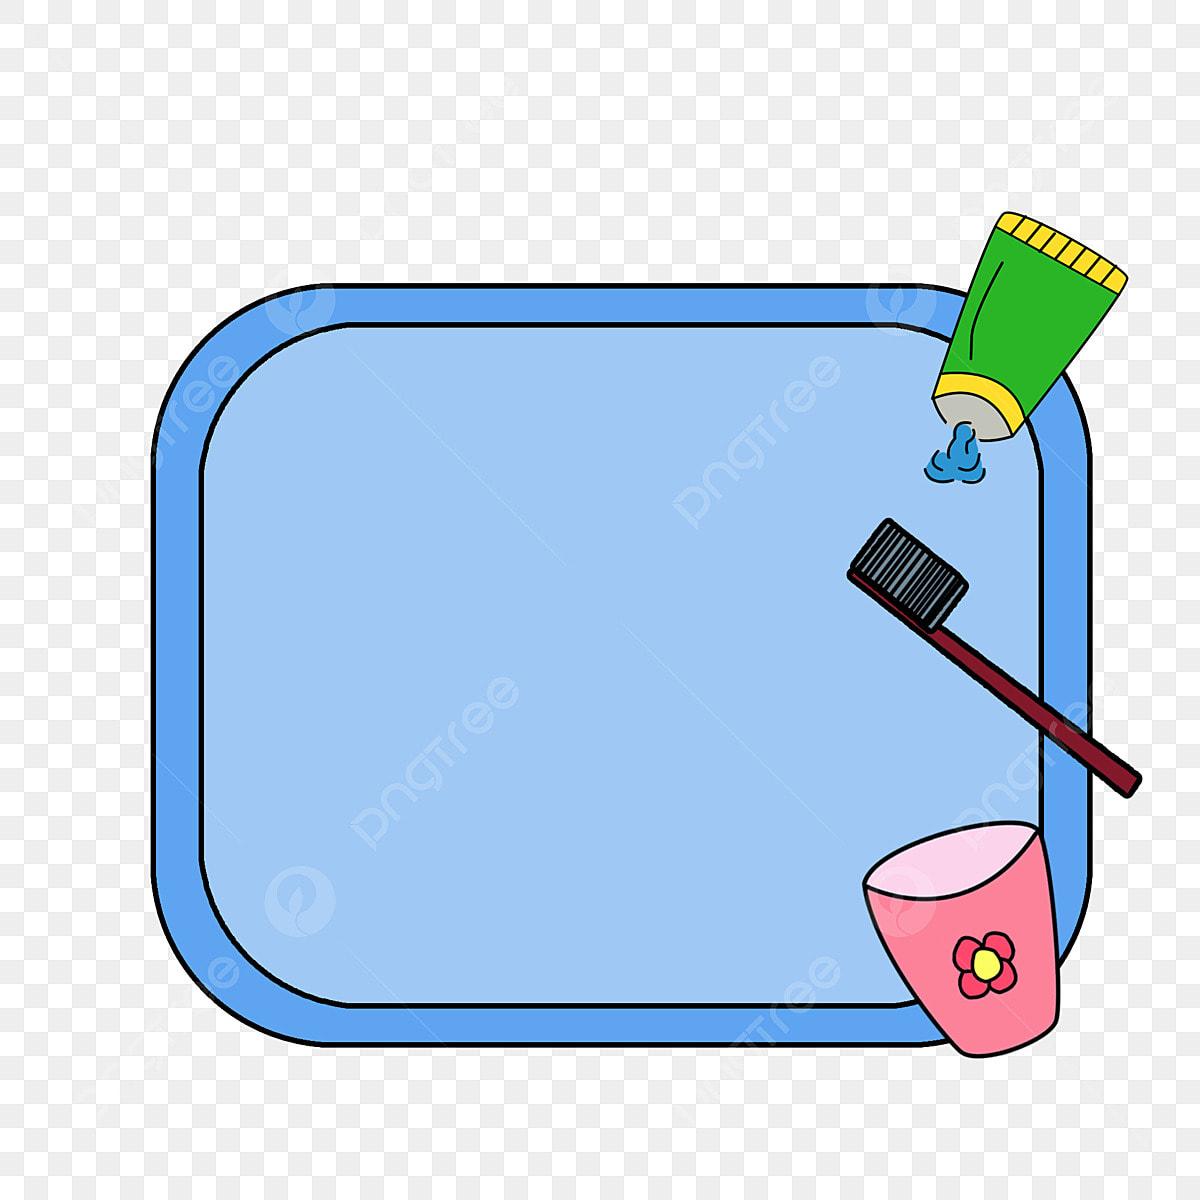 Caixa De Artigos Higiene Pessoal Bonito Dos Desenhos Animados